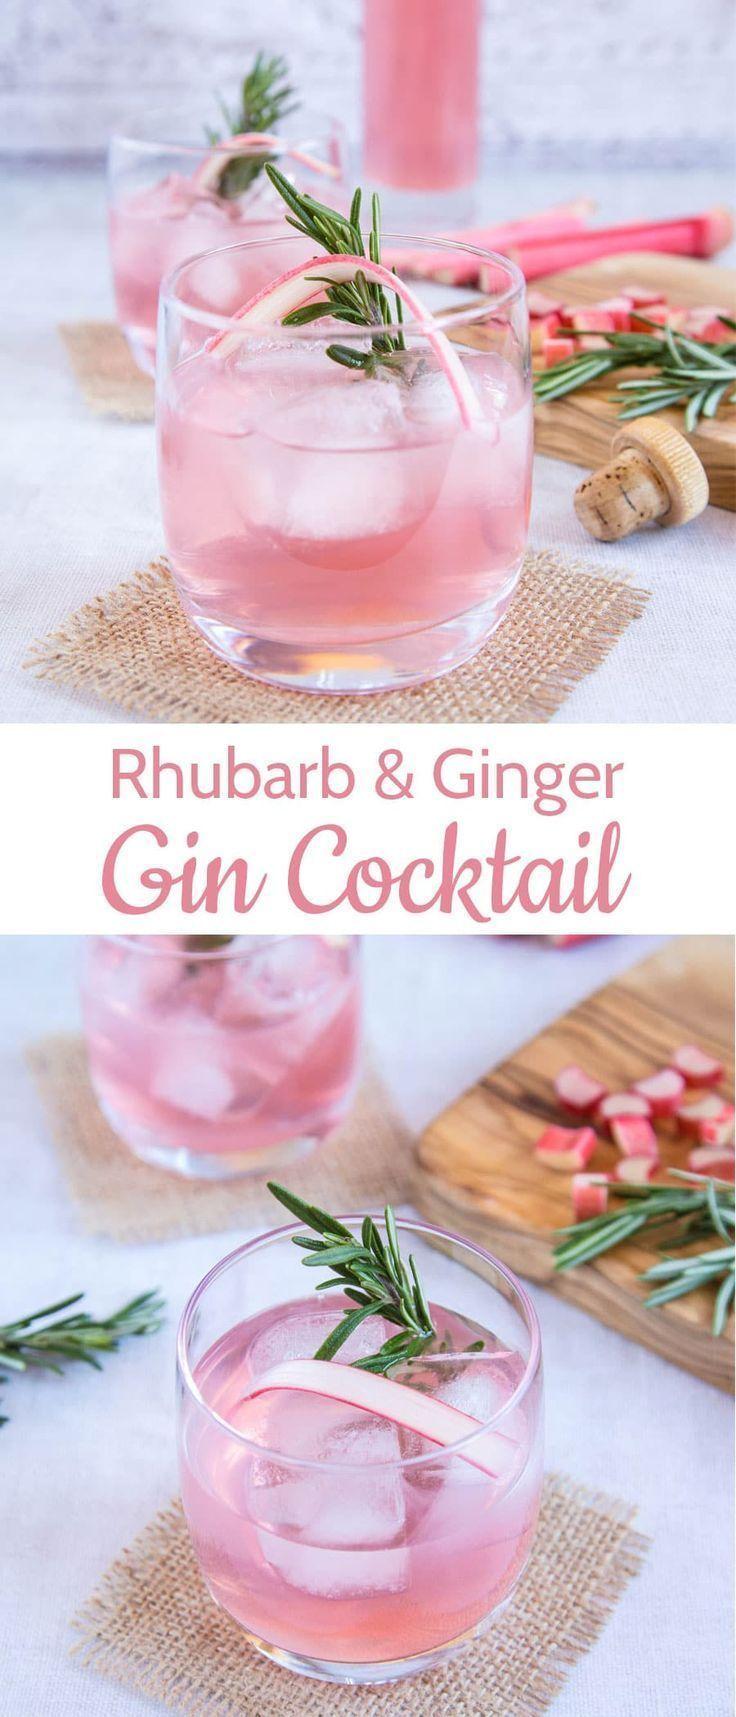 Zwei schöne Fotos von einem hübschen rosa Rhabarber-Ingwer-Ingwer-Cocktail mit…